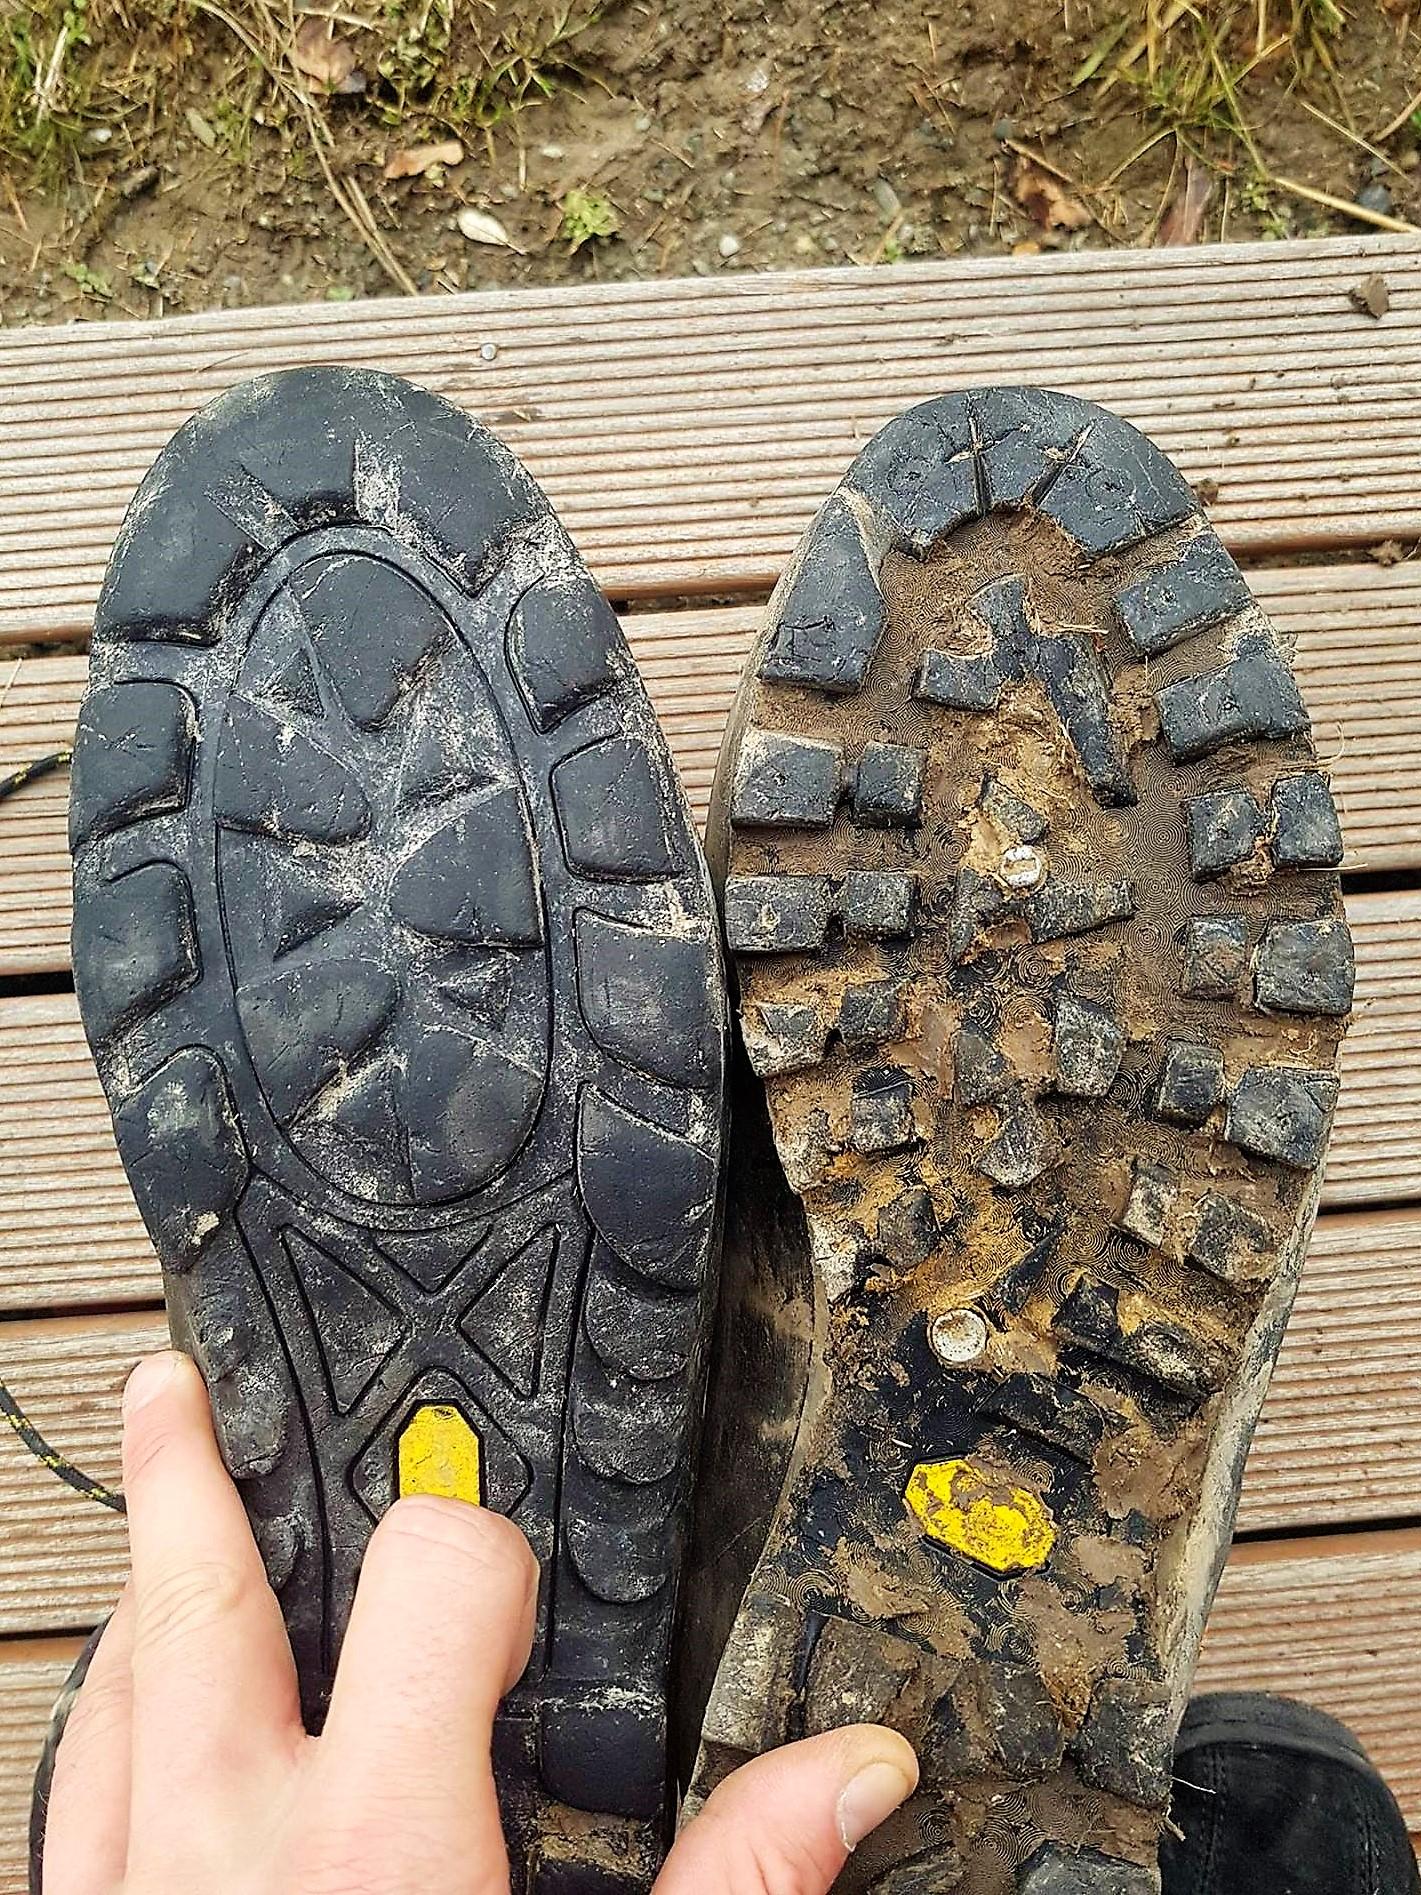 scarpa and asolo sole unit